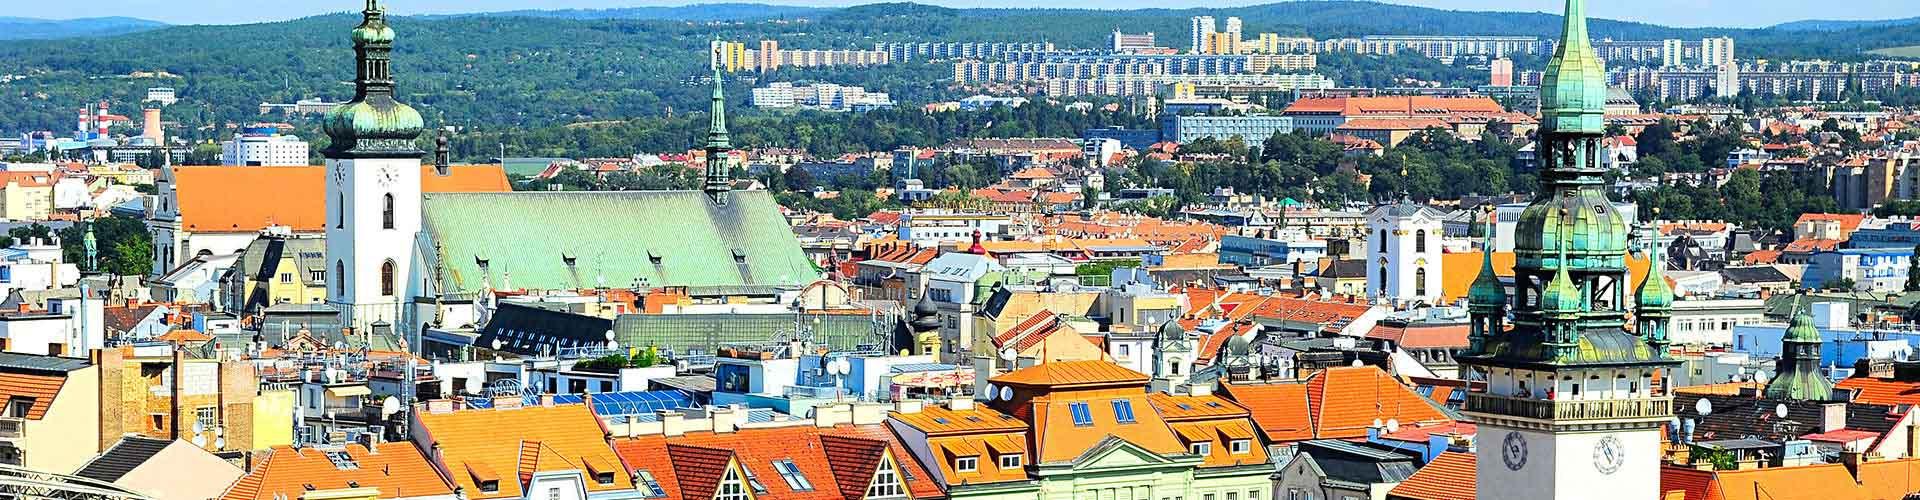 Brno - Hoteles baratos en Brno. Mapas de Brno, Fotos y Comentarios para cada alojamiento en Brno.